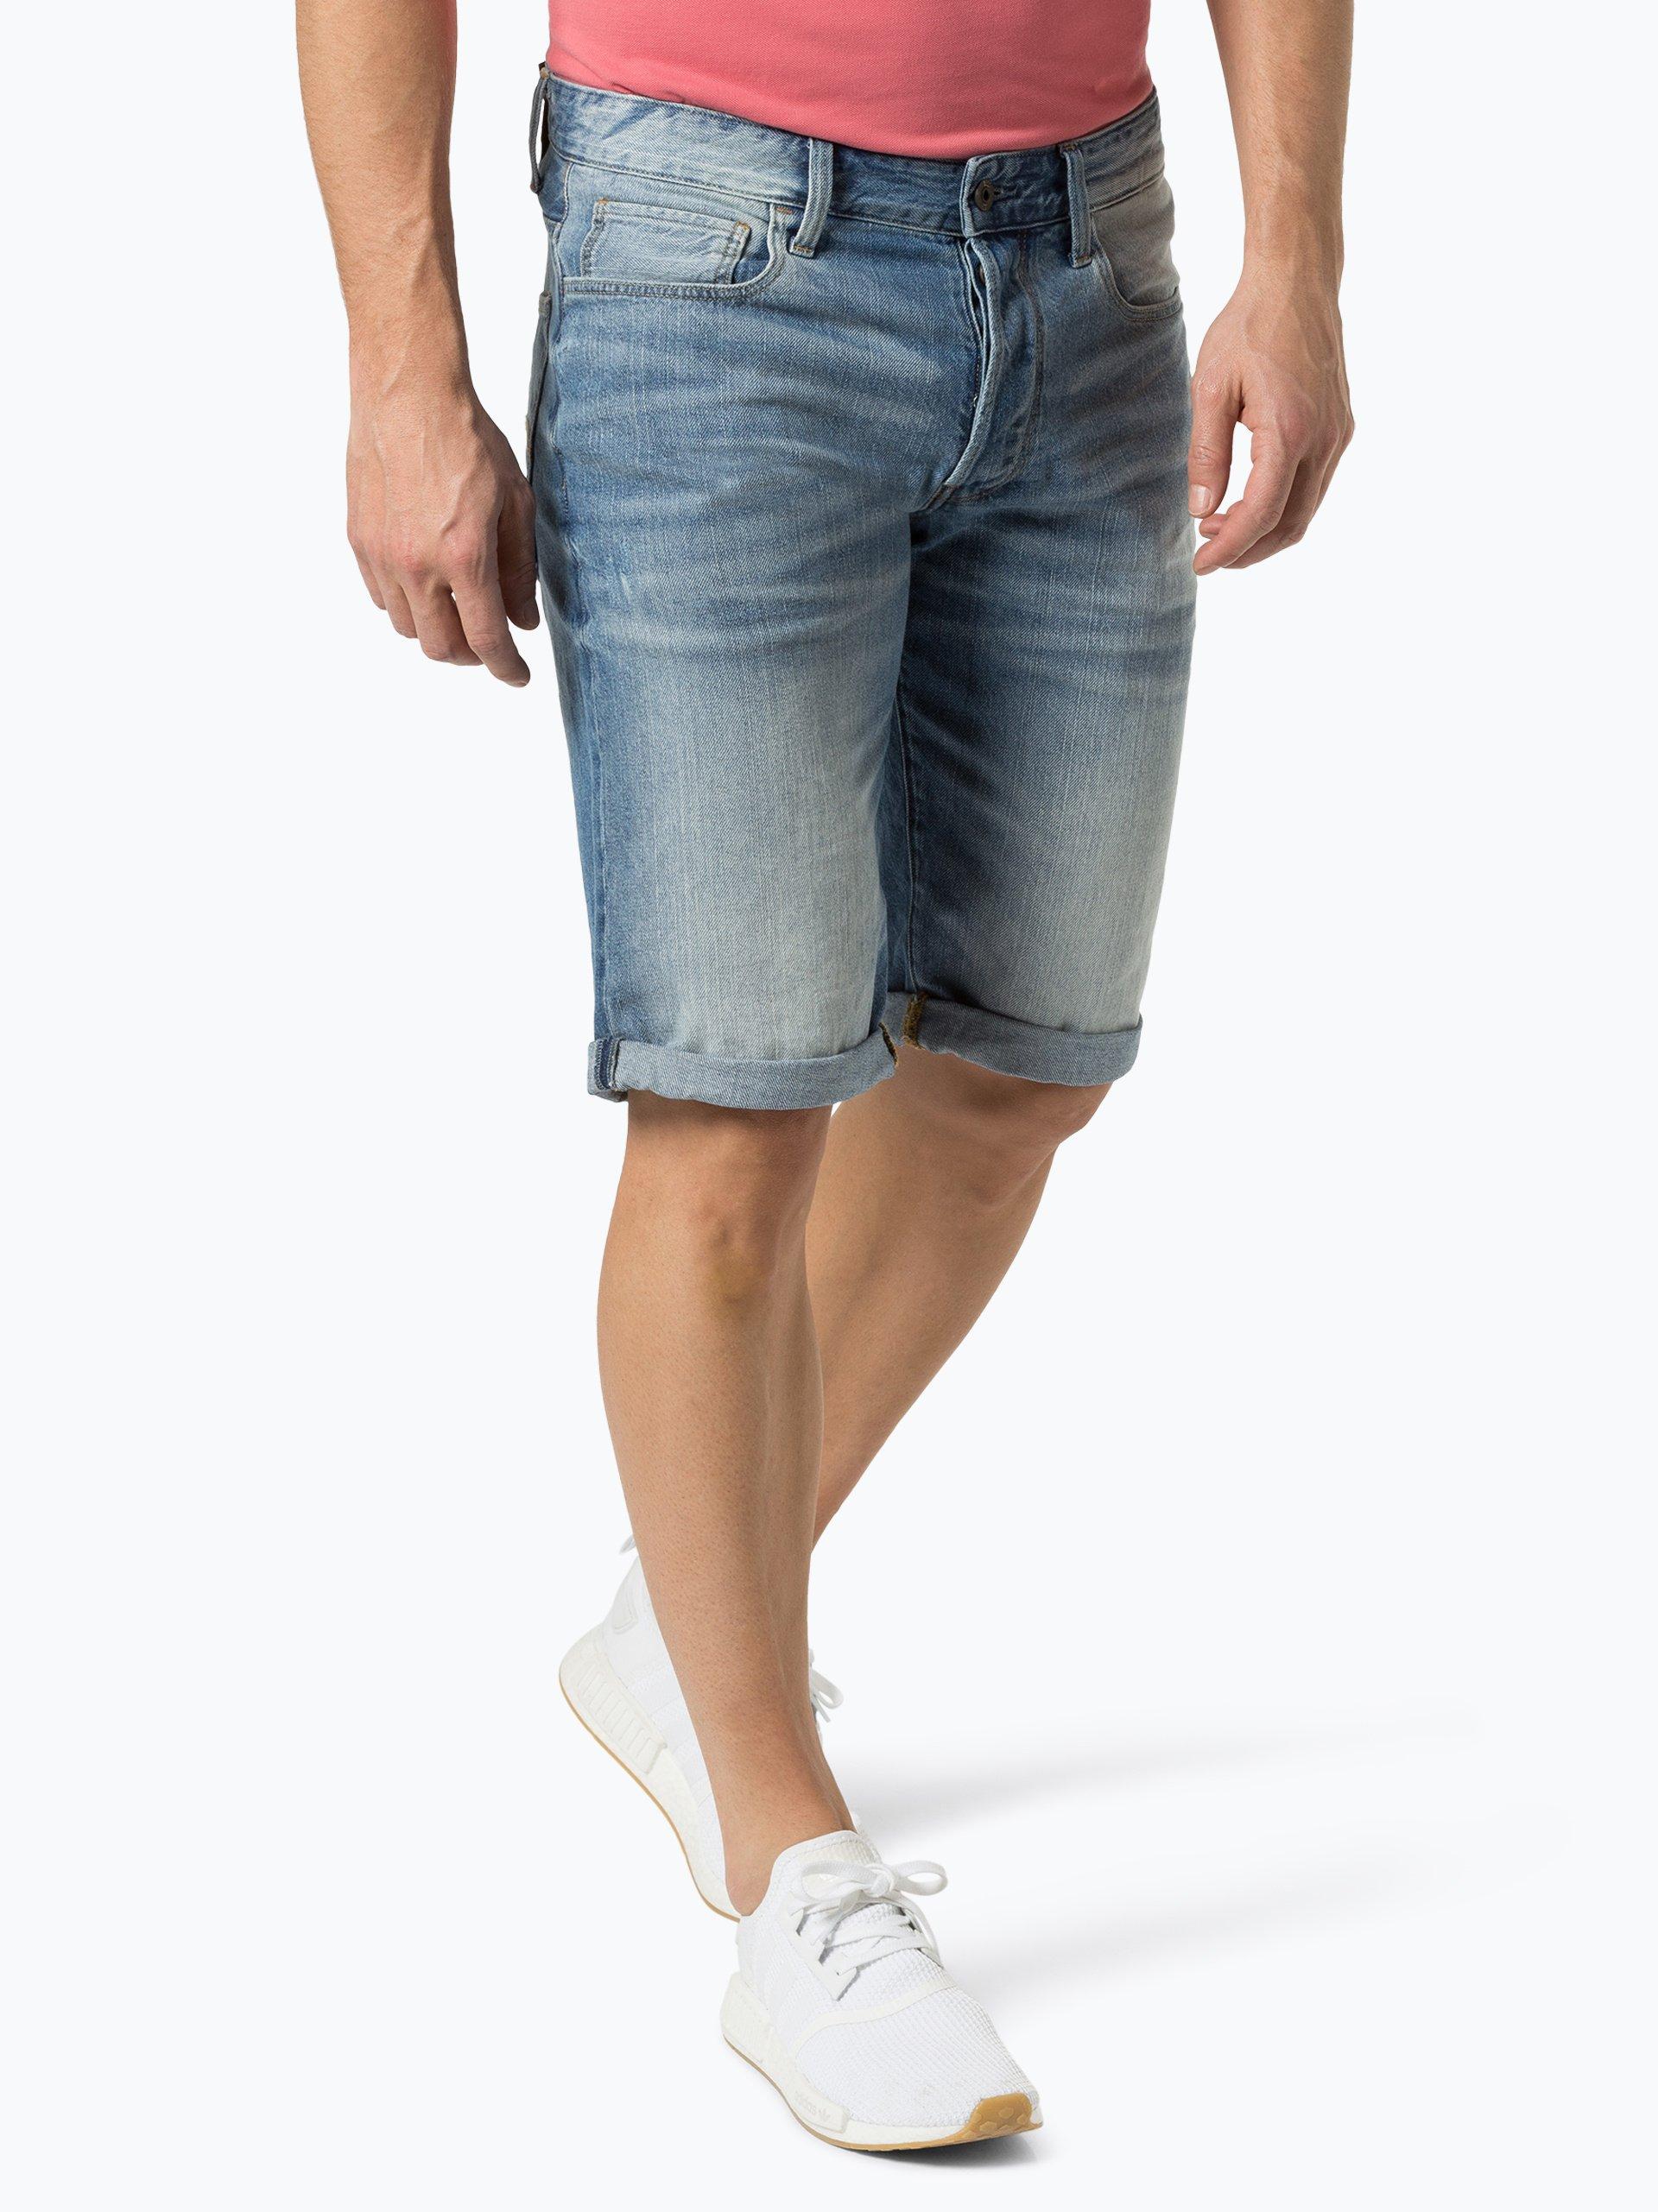 G-Star RAW Męskie spodenki jeansowe – 3301